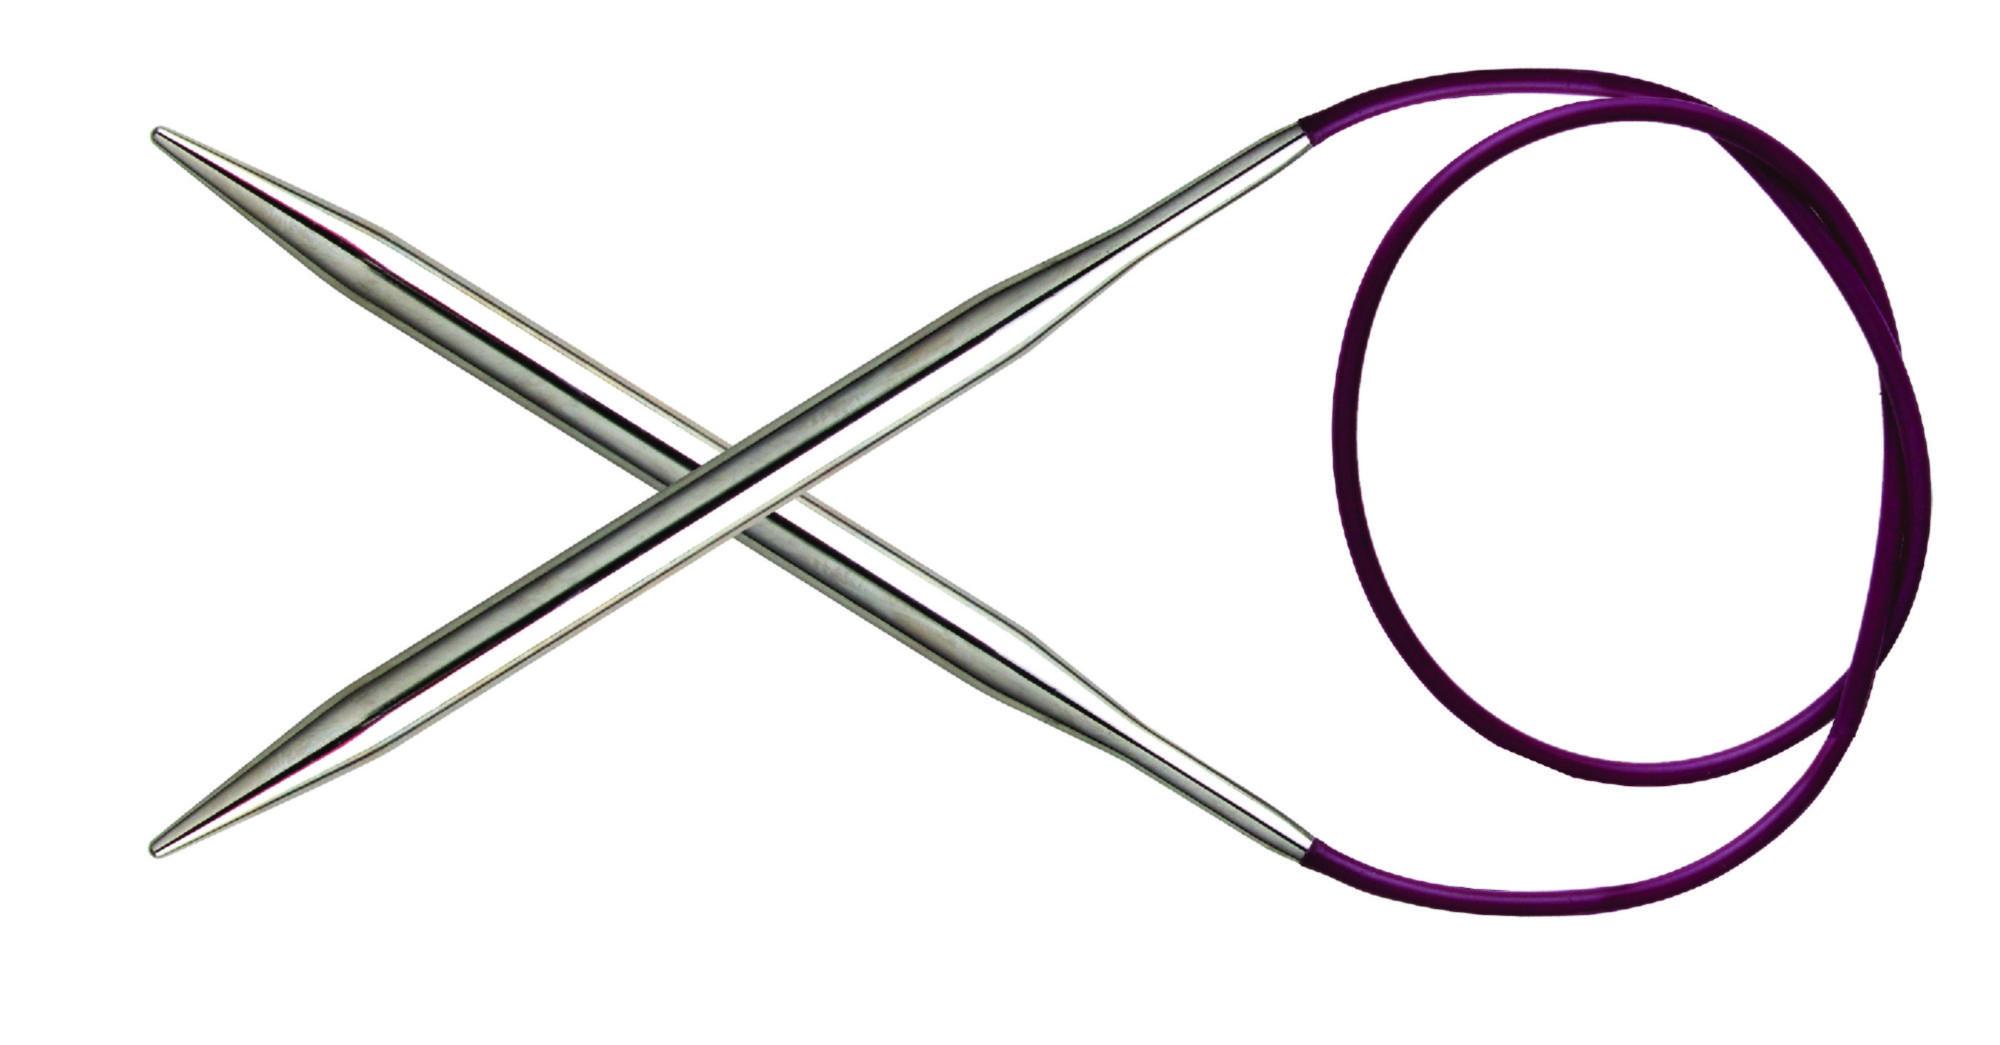 Спицы круговые 25 см Nova Metal KnitPro, 10975, 3.00 мм